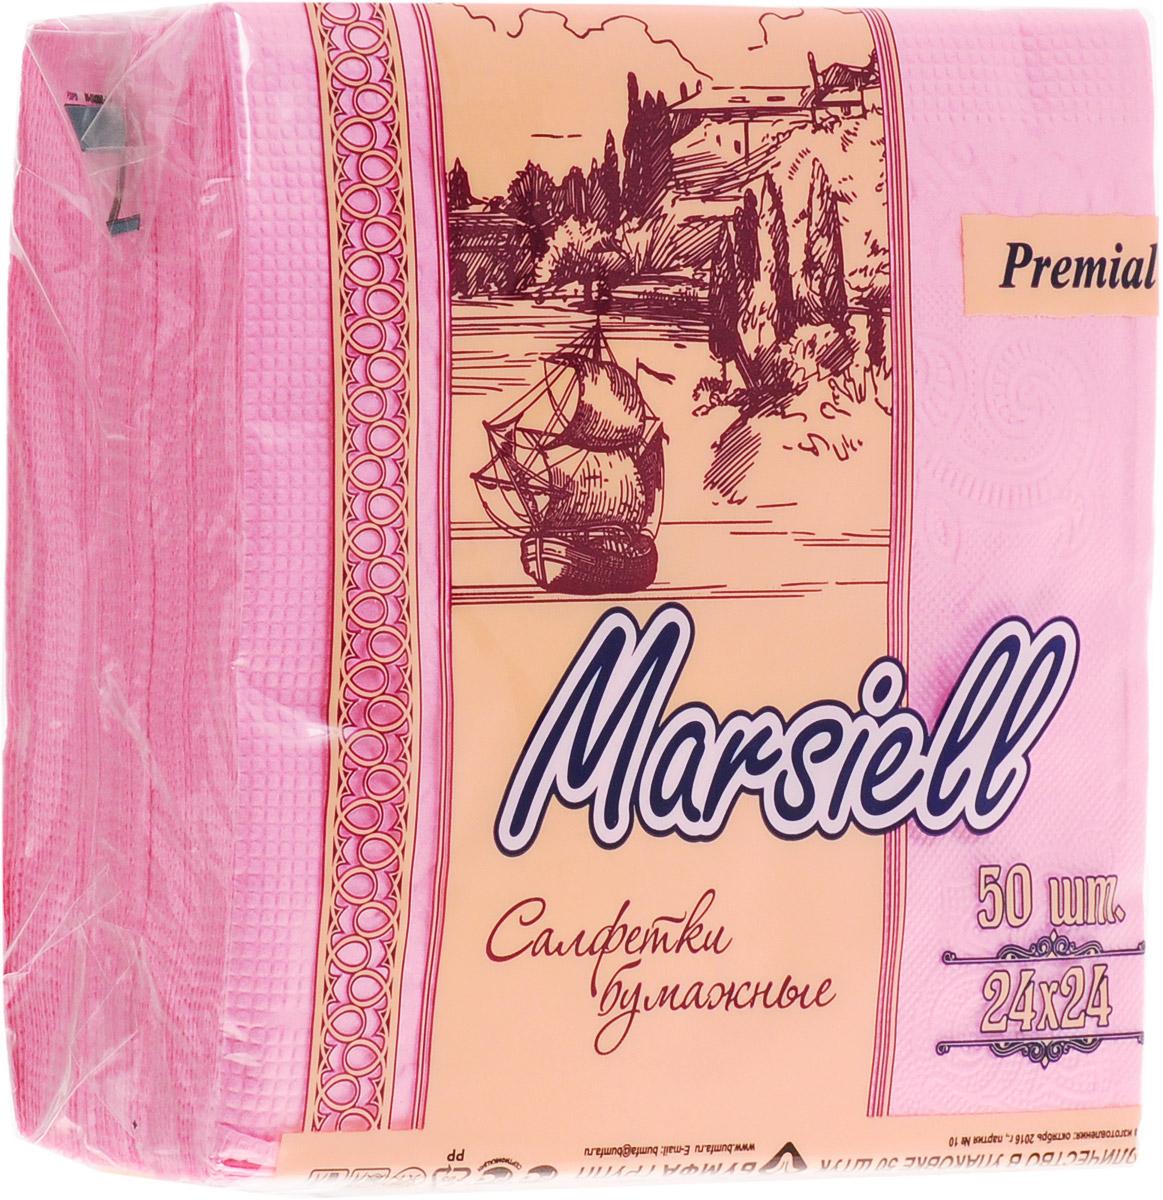 Premial Marsiel Салфетки декоративные двухслойные, цвет: розовый, 50 штTC 14Универсальные двухслойные салфетки Premial Marsiel выполнены из высококачественного целлюлозного сырья. Салфетки подходят для косметического, санитарно-гигиенического и хозяйственного назначения. Изделия обладают хорошими впитывающими свойствами. Салфетки имеют мягкую и нежную текстуру. При извлечении из коробки салфетки не рвутся. Салфетки окрашены в яркий цвет и станут превосходным украшением праздничного стола.